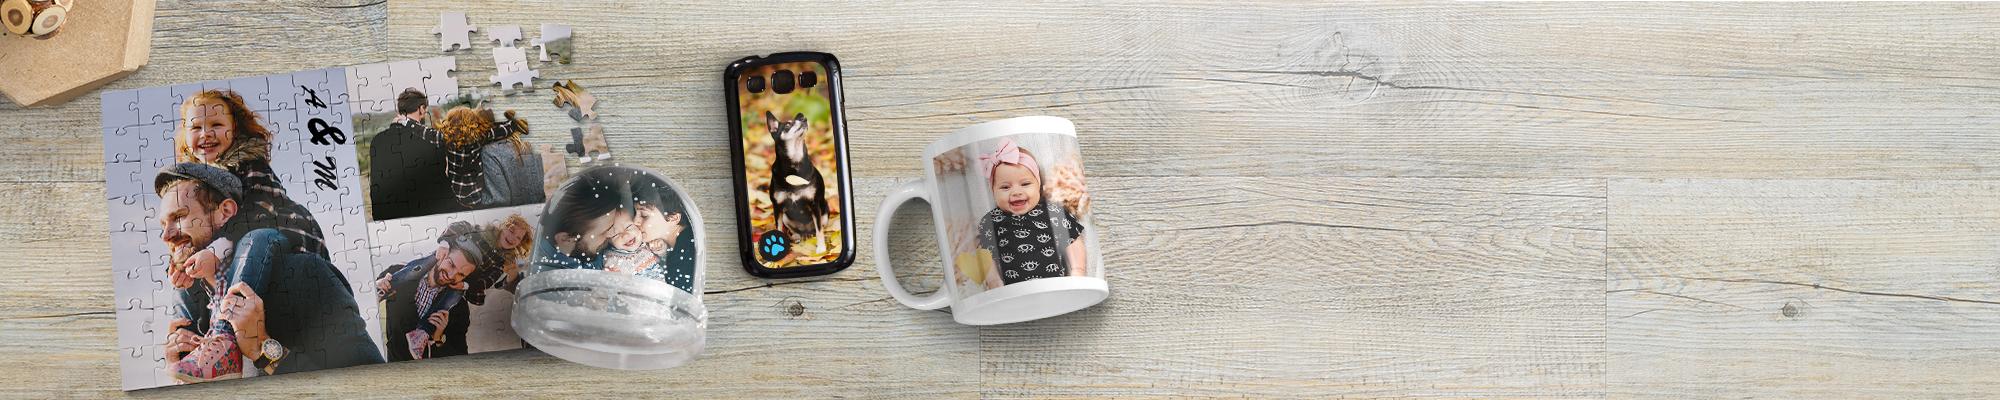 Personalisierte Fotogeschenke : Überraschen Sie mit einzigartigen Geschenken.